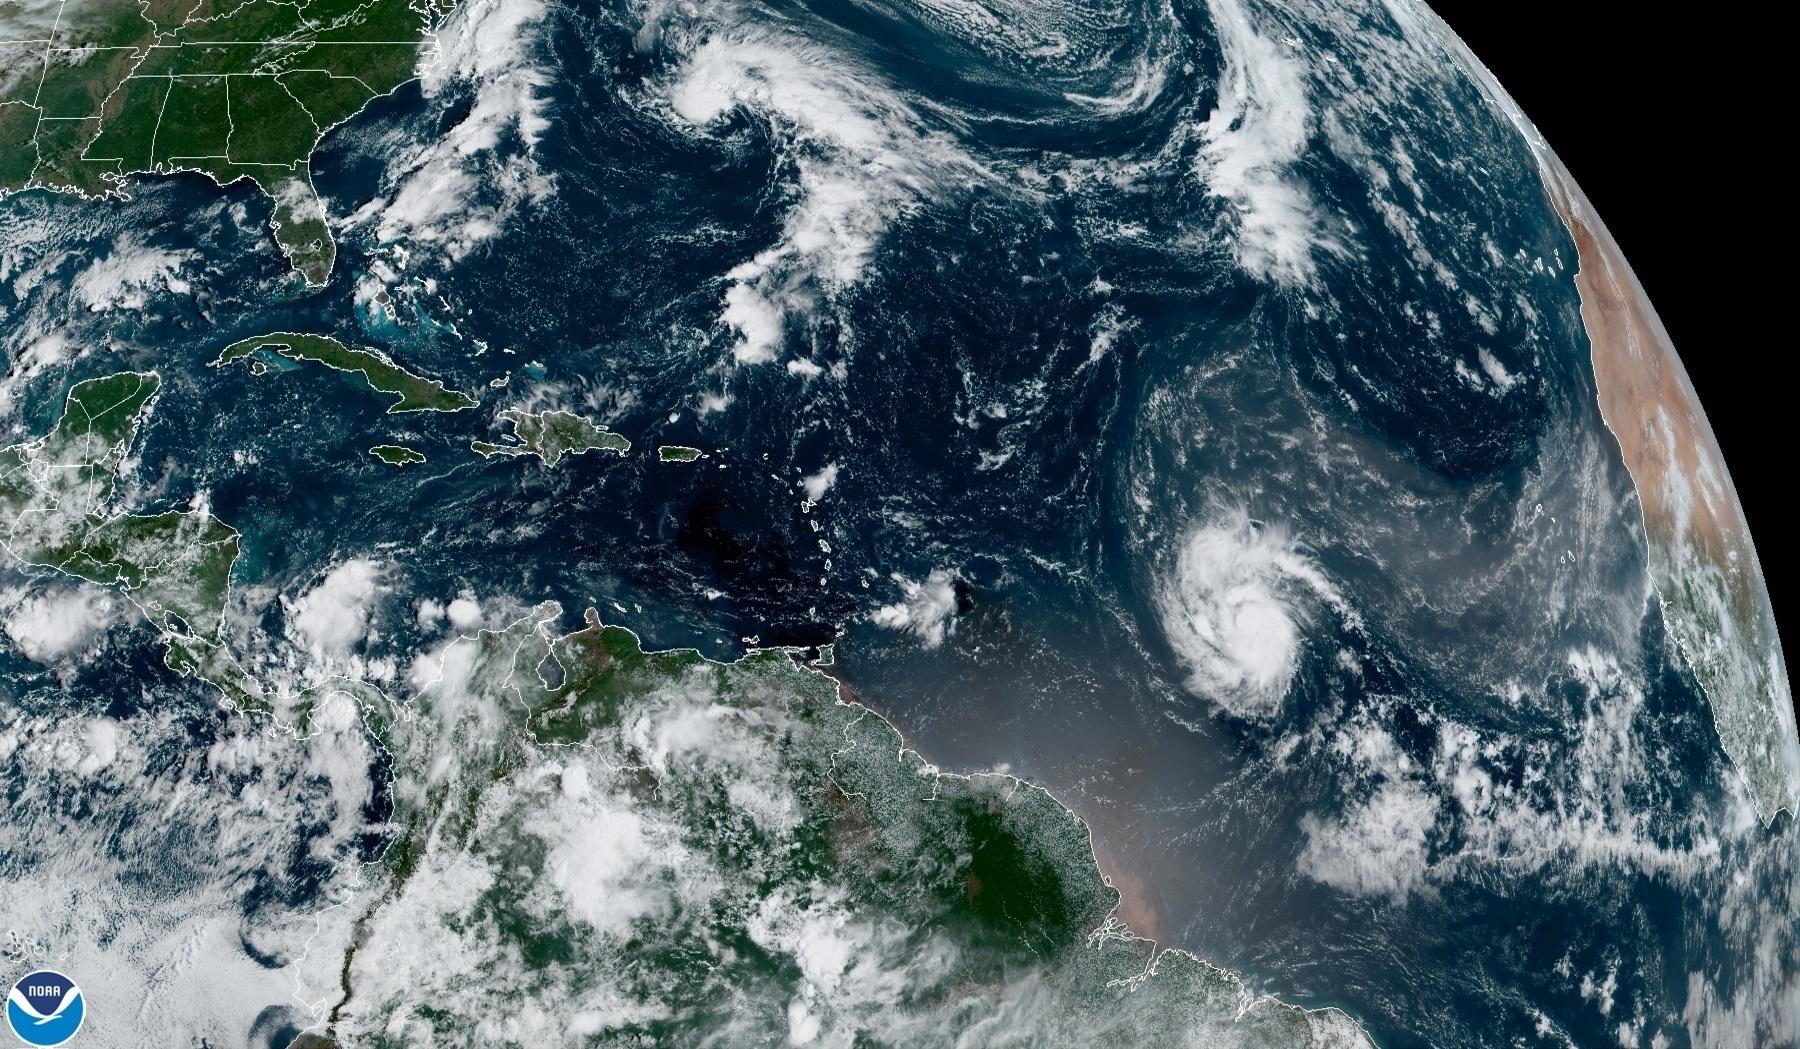 Huracán Sam se intensifica a categoría 4 con fuertes vientos en el Atlántico